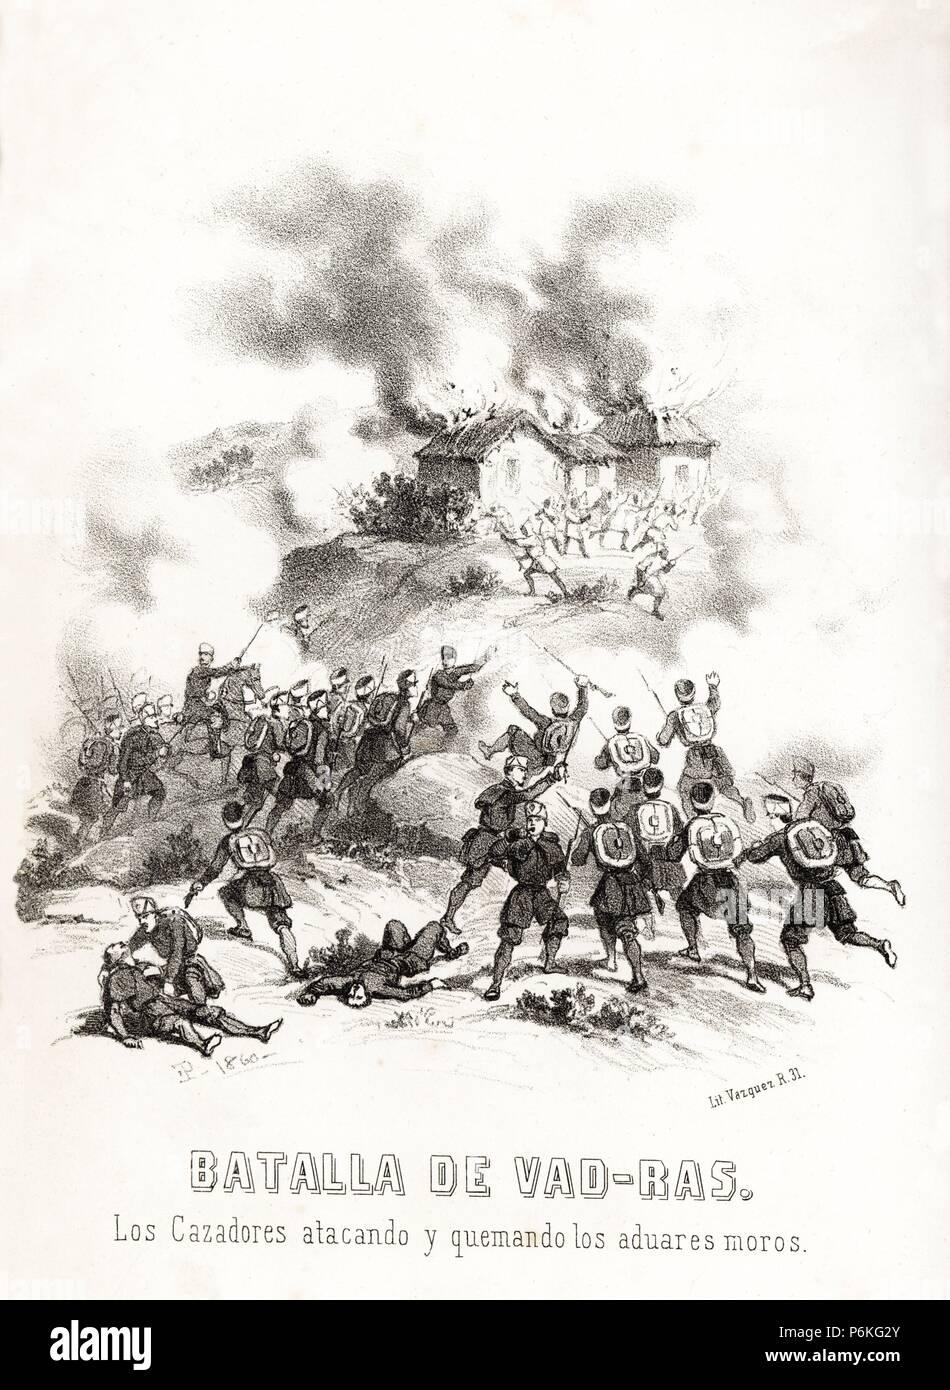 España. Guerra de África. Batalla de Vad-Ras. Los cazadores de marina atacando y quemando los aduares moros el 23 de febrero de 1860. Grabado de 1860. Stock Photo